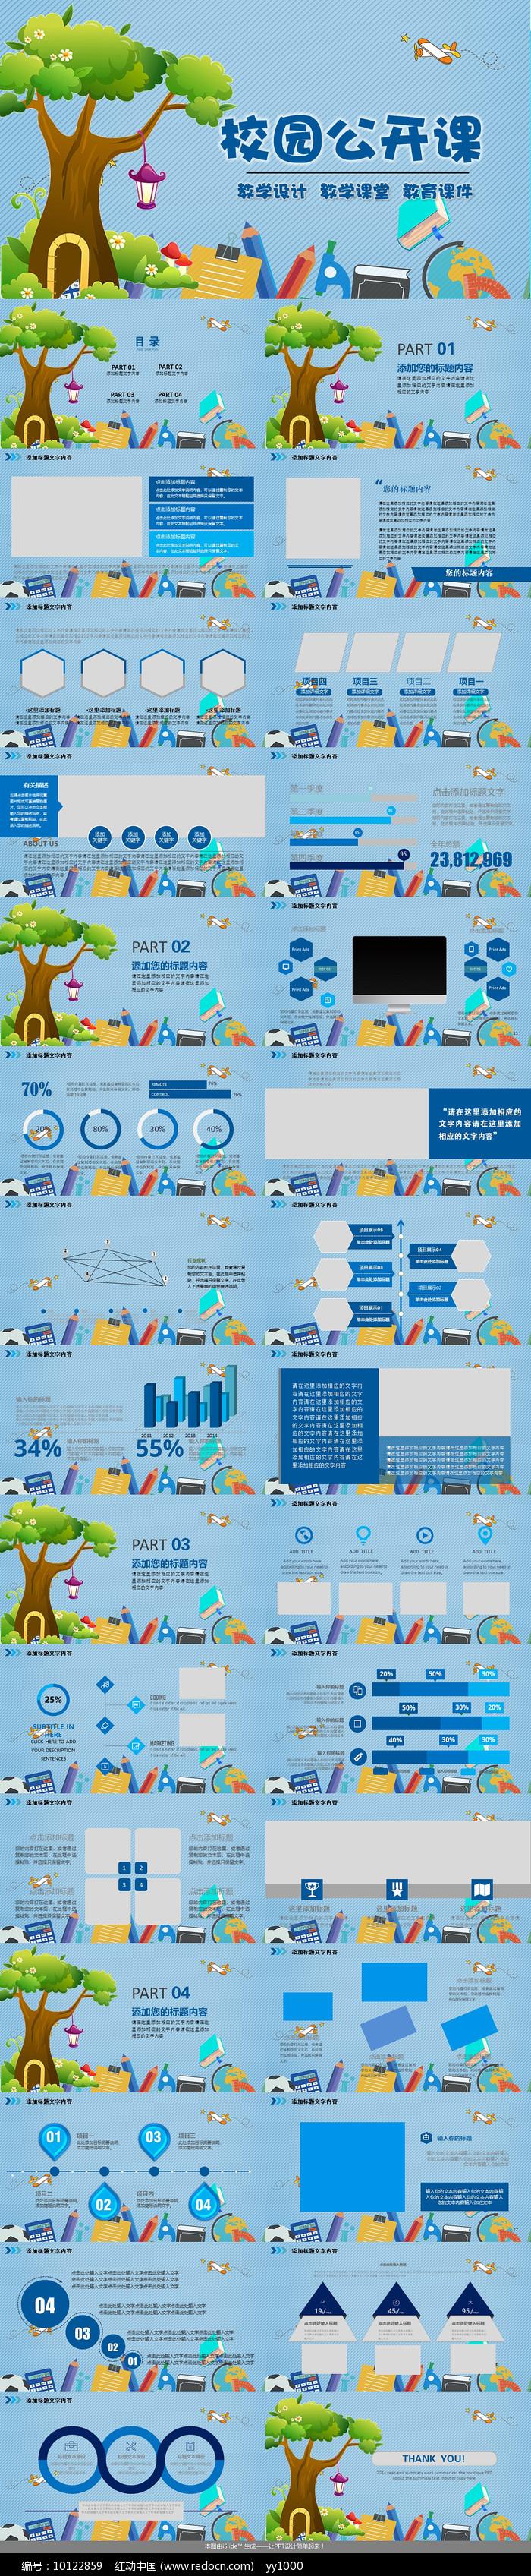 教育培训教学设计公开课PPT图片